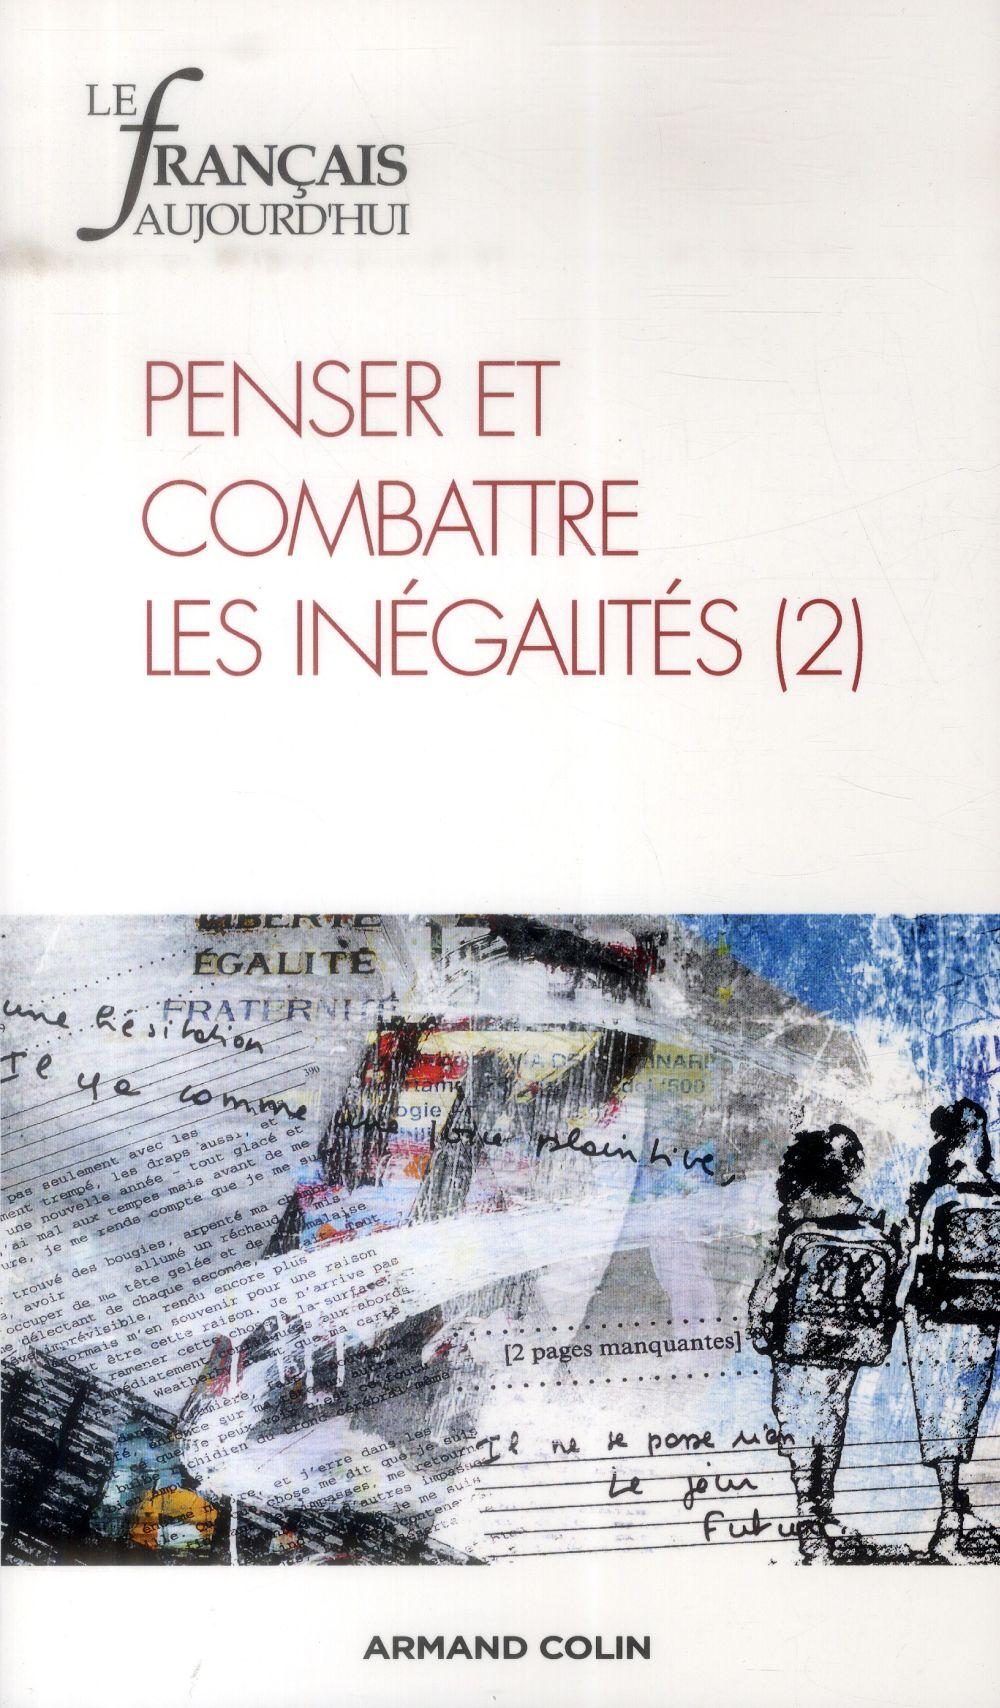 Revue le francais d'aujourd'hui n.185